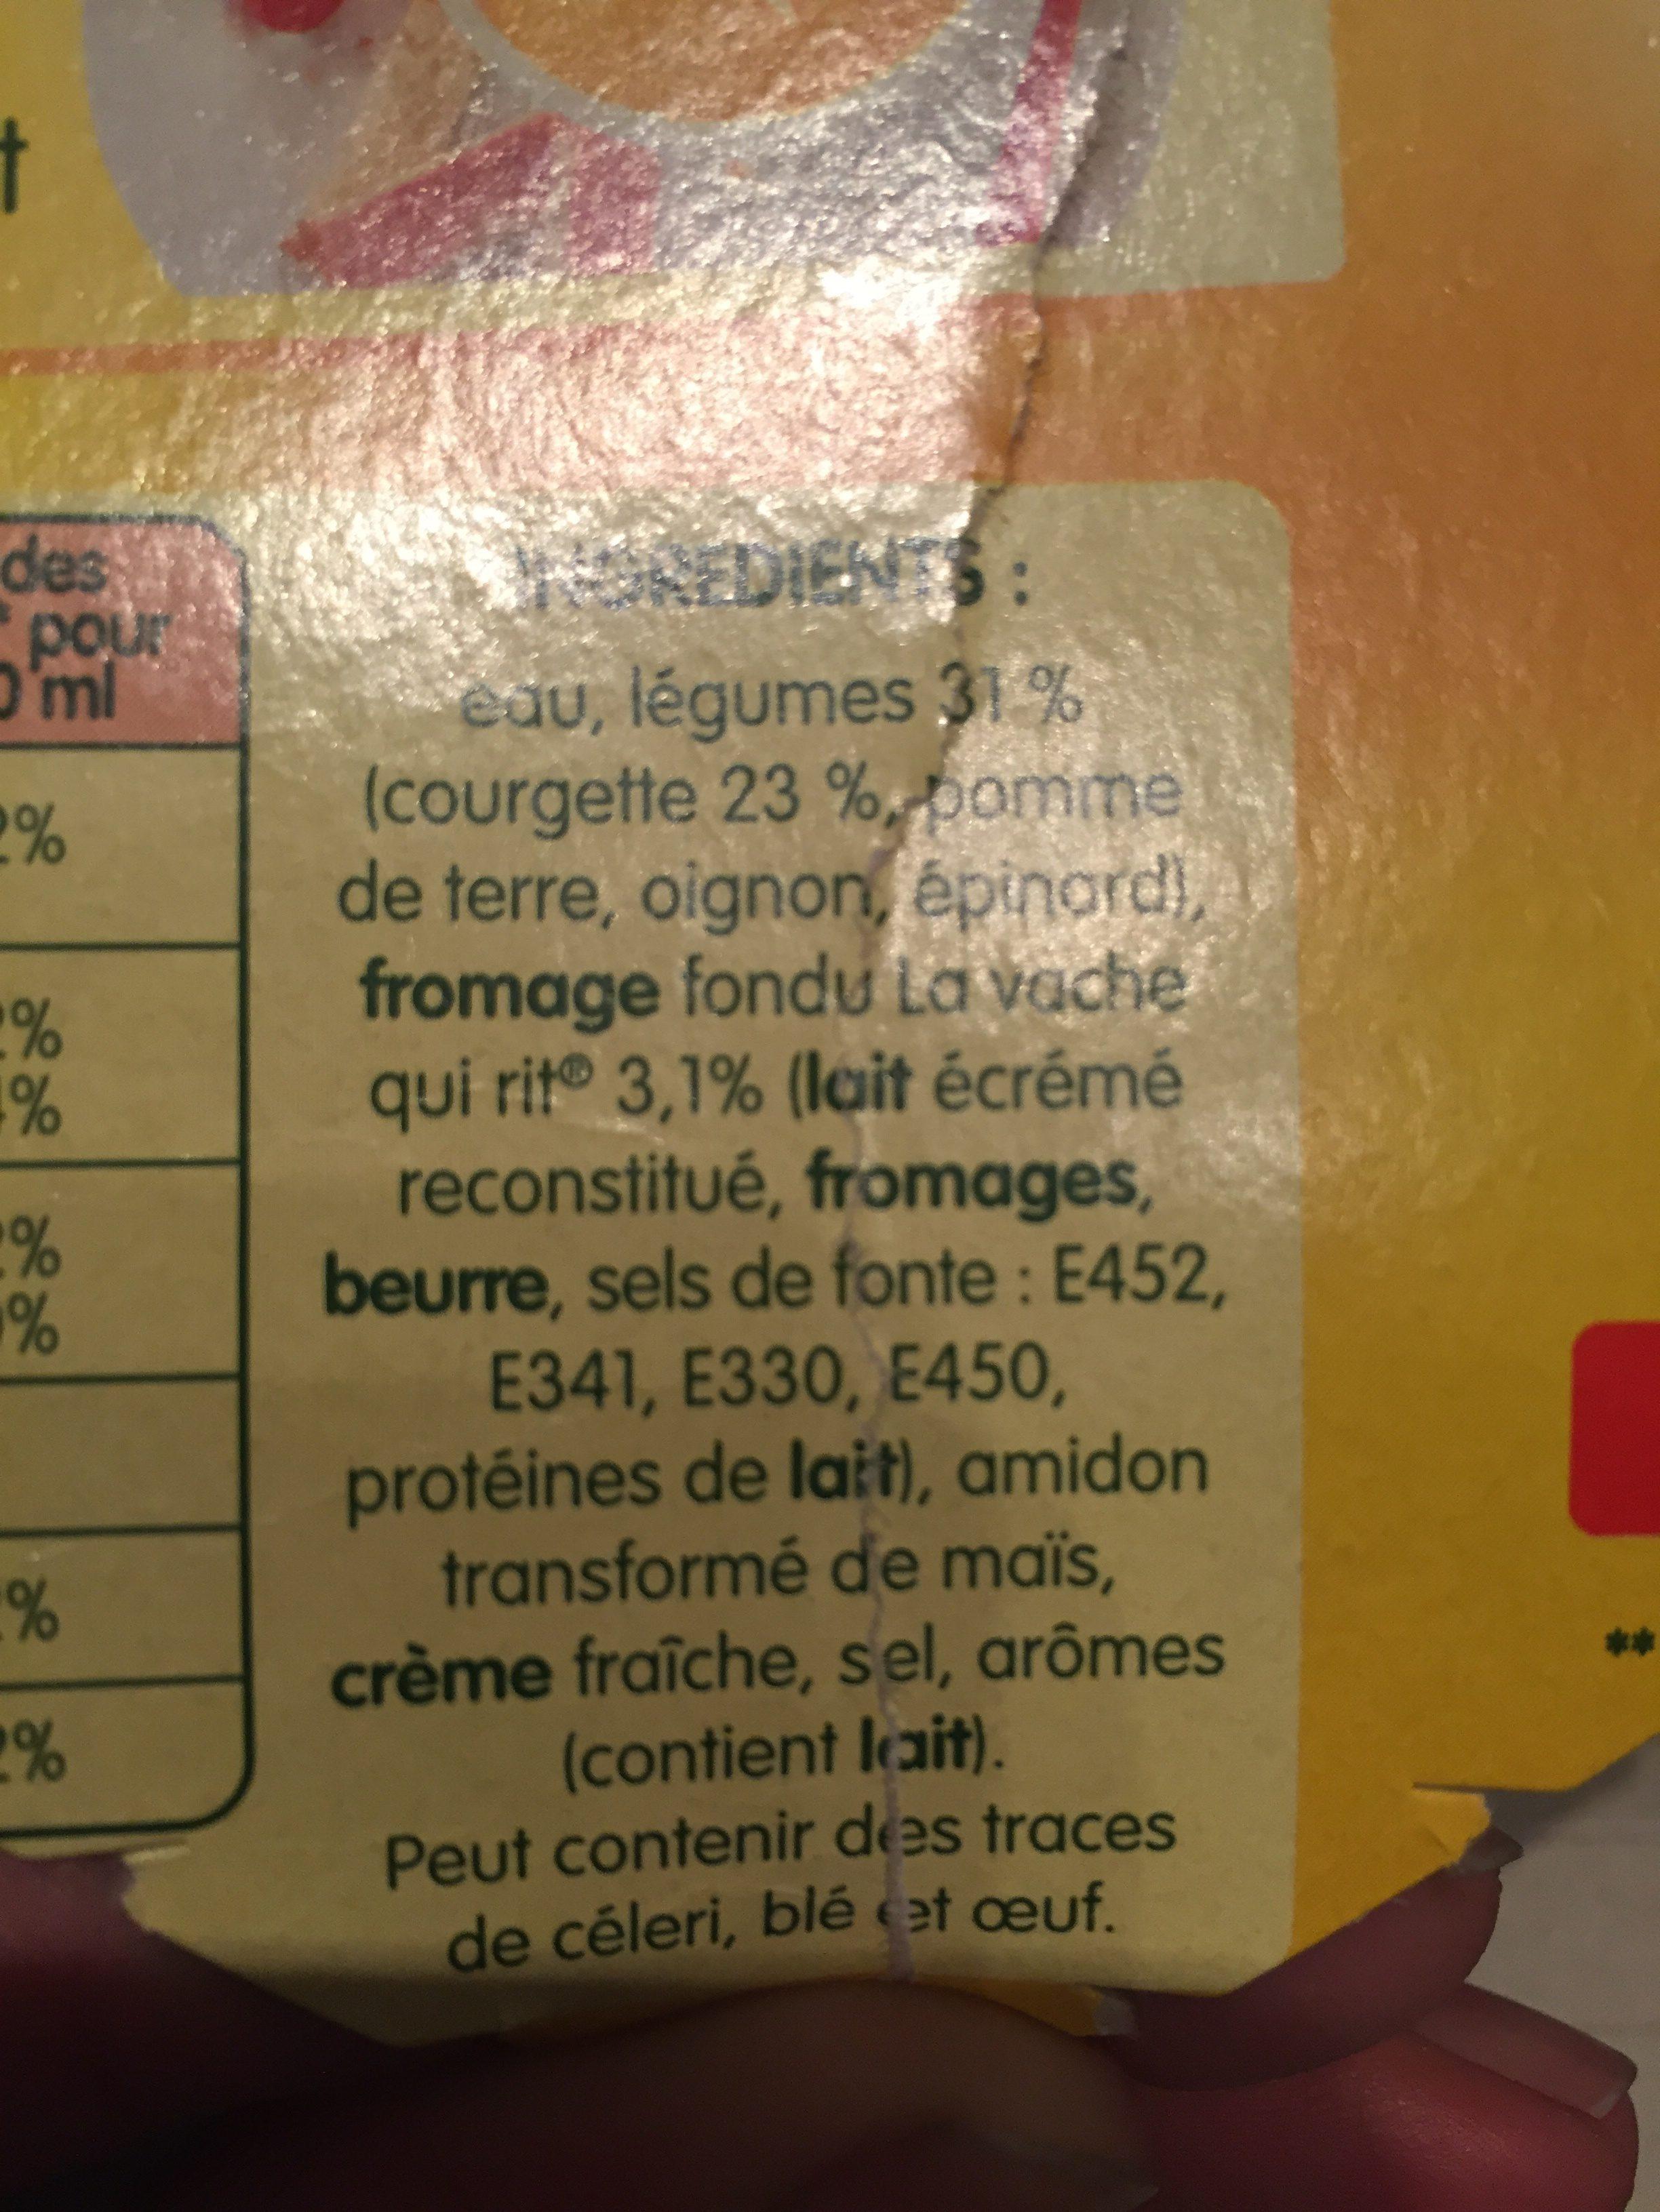 Soupe courgettes au fromage La Vache qui rit - Ingrédients - fr